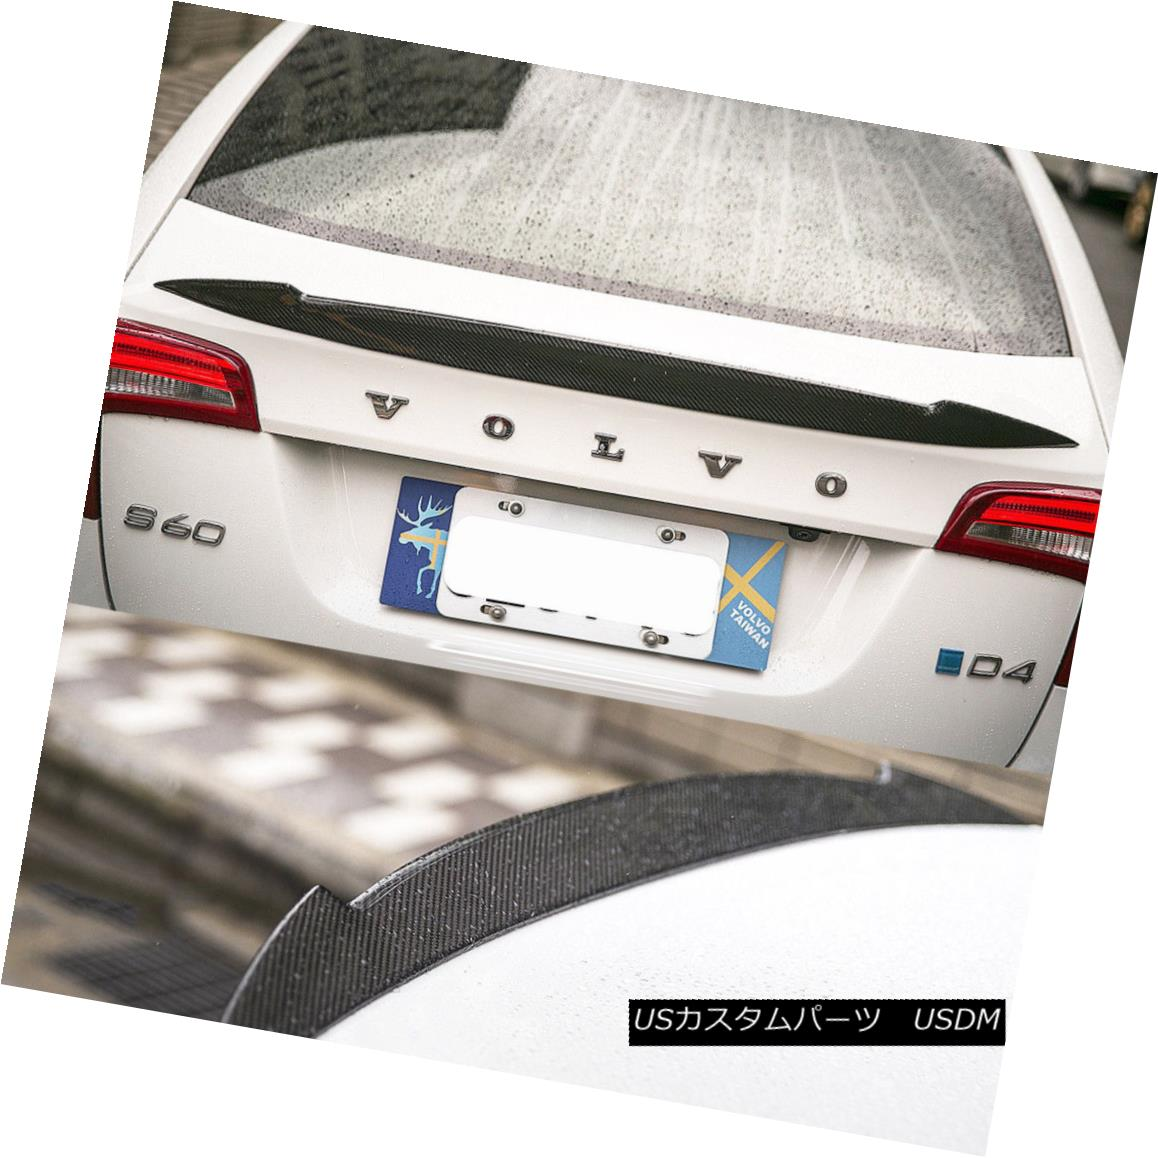 エアロパーツ 2018 Fit VOLVO S60 T5 T6 Sedan V Look Rear Trunk Boot Spoiler Wing Carbon Fiber 2018フィットボルボS60 T5 T6セダンVルックバックトランクブーツスポイラーウイングカーボンファイバー